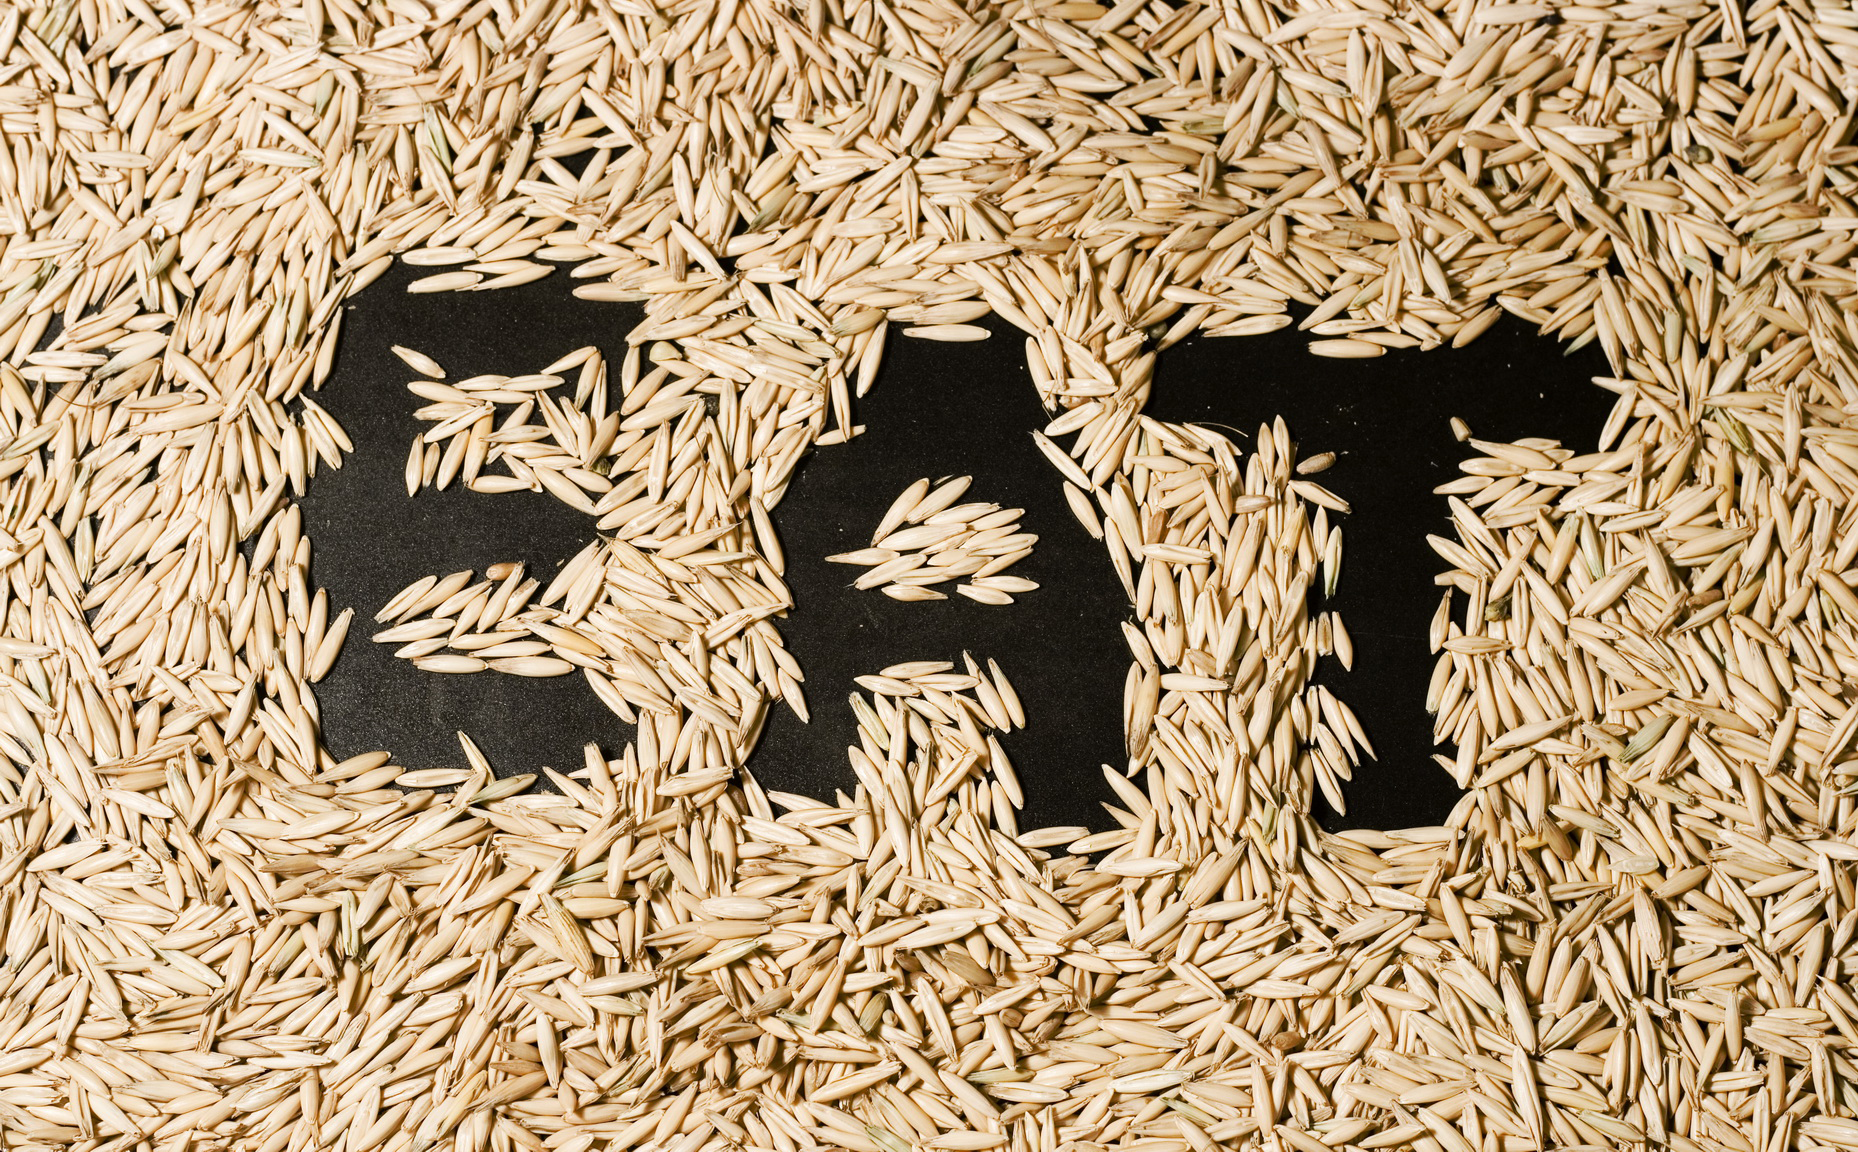 Eat grains photo